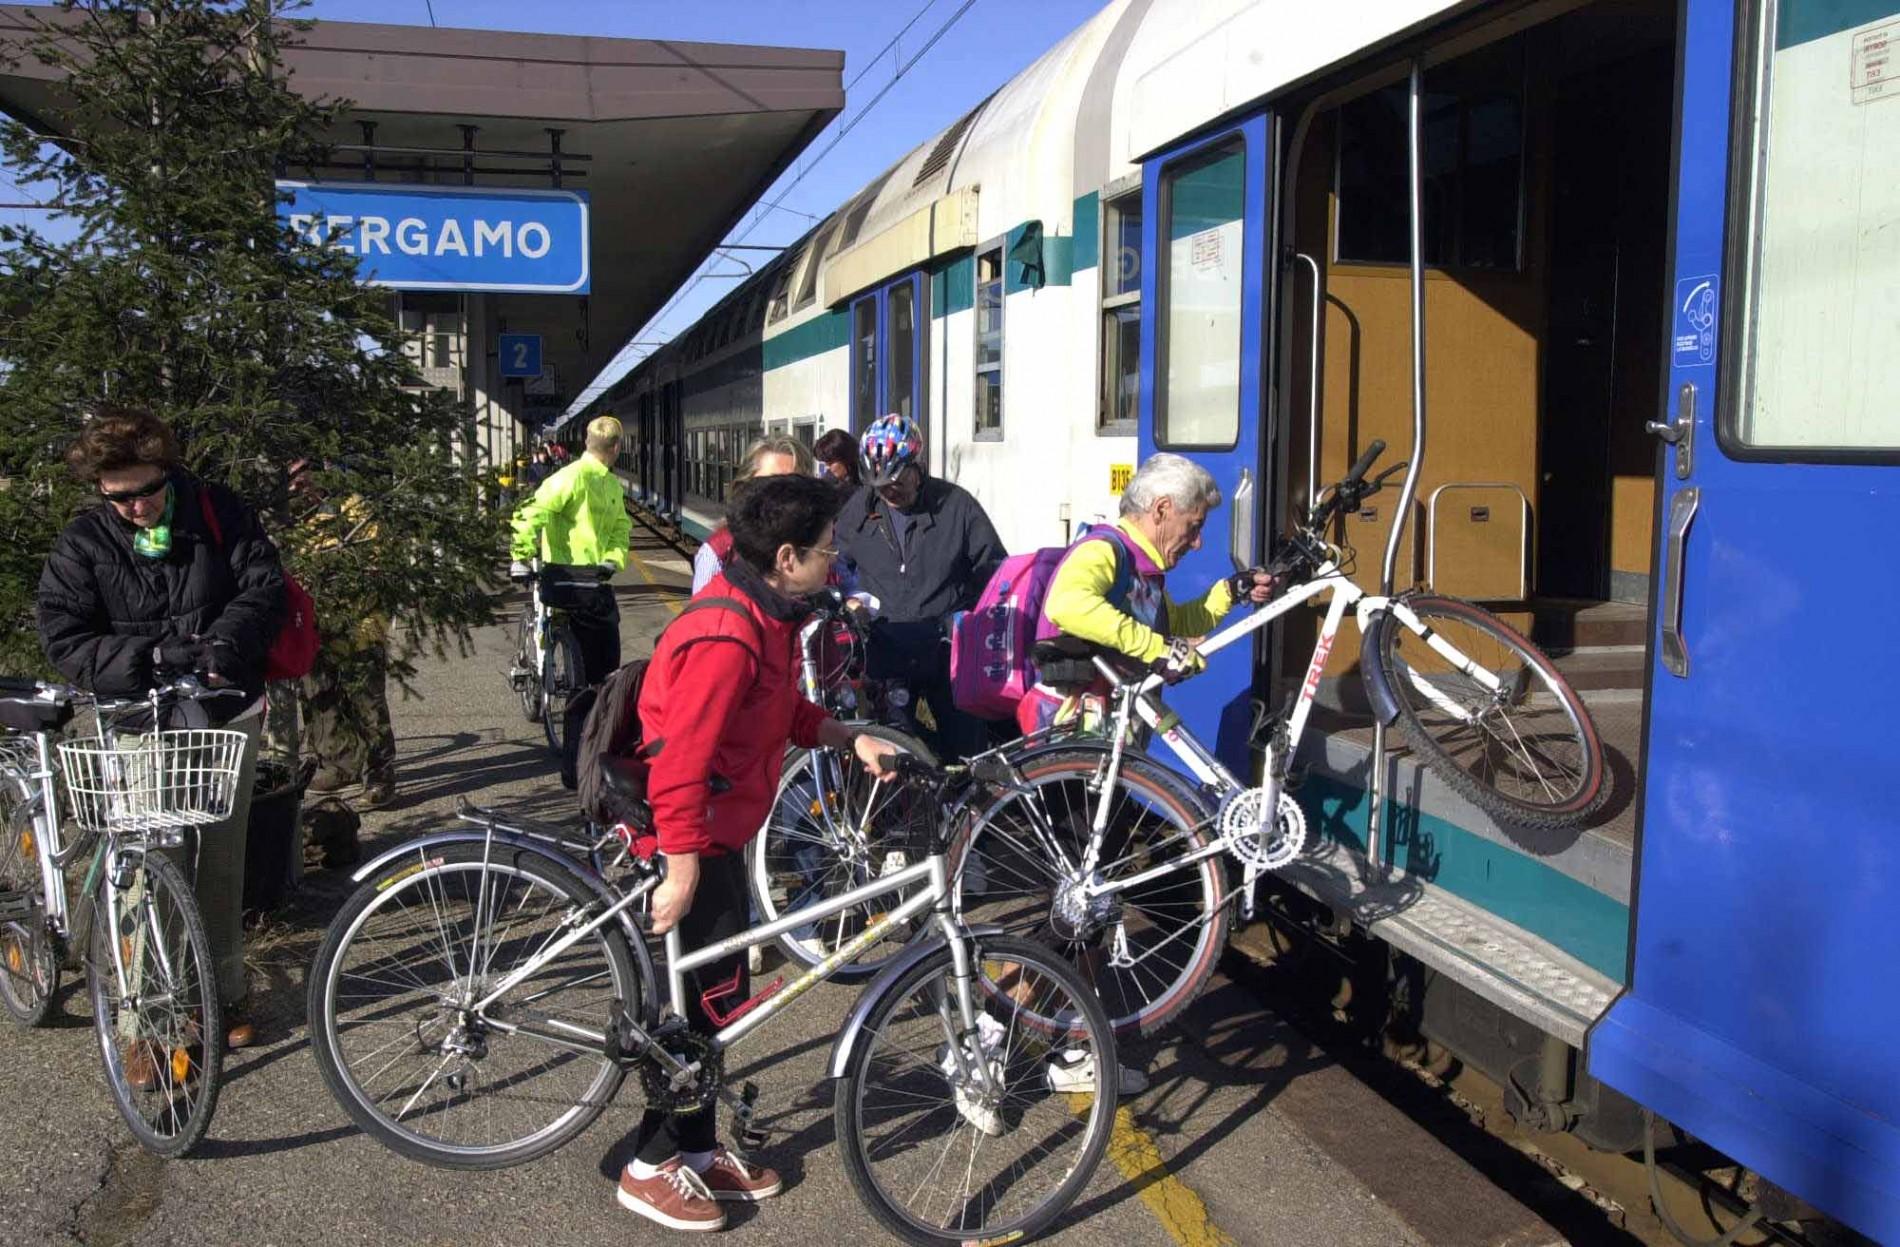 Bici + treno sempre: la volta buona?